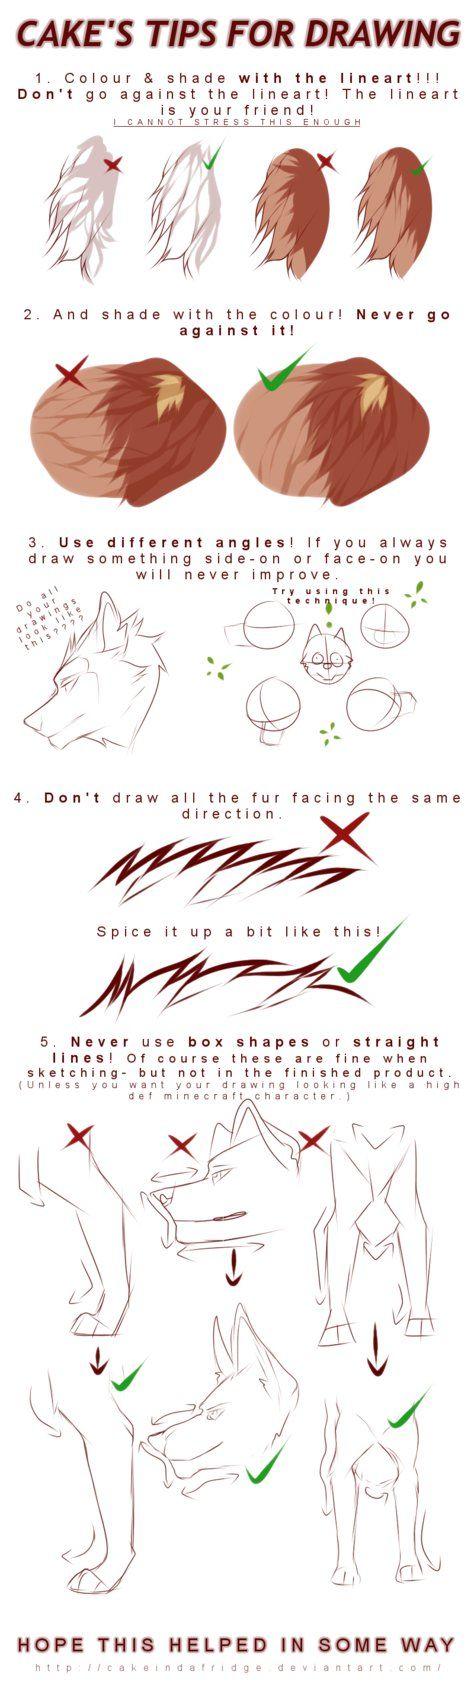 tutorial|Cake's tips for drawing by Cakeindafridge